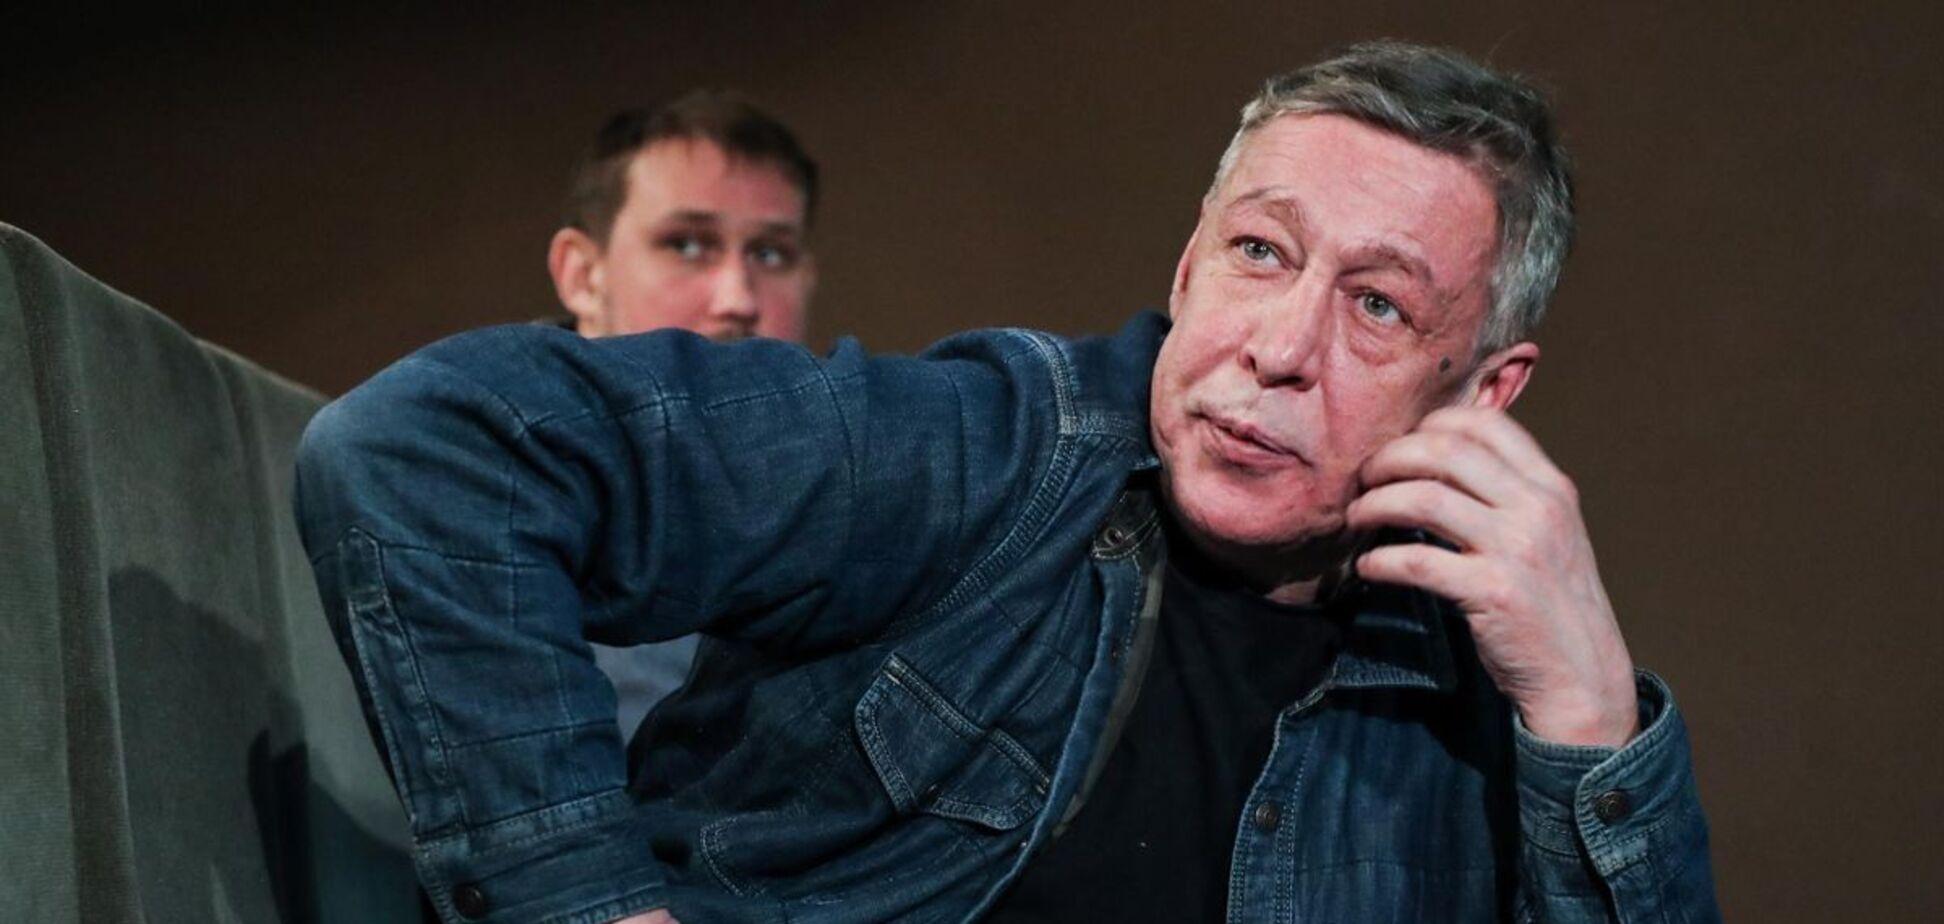 Осужденного Ефремова отправили из СИЗО в колонию. Видео